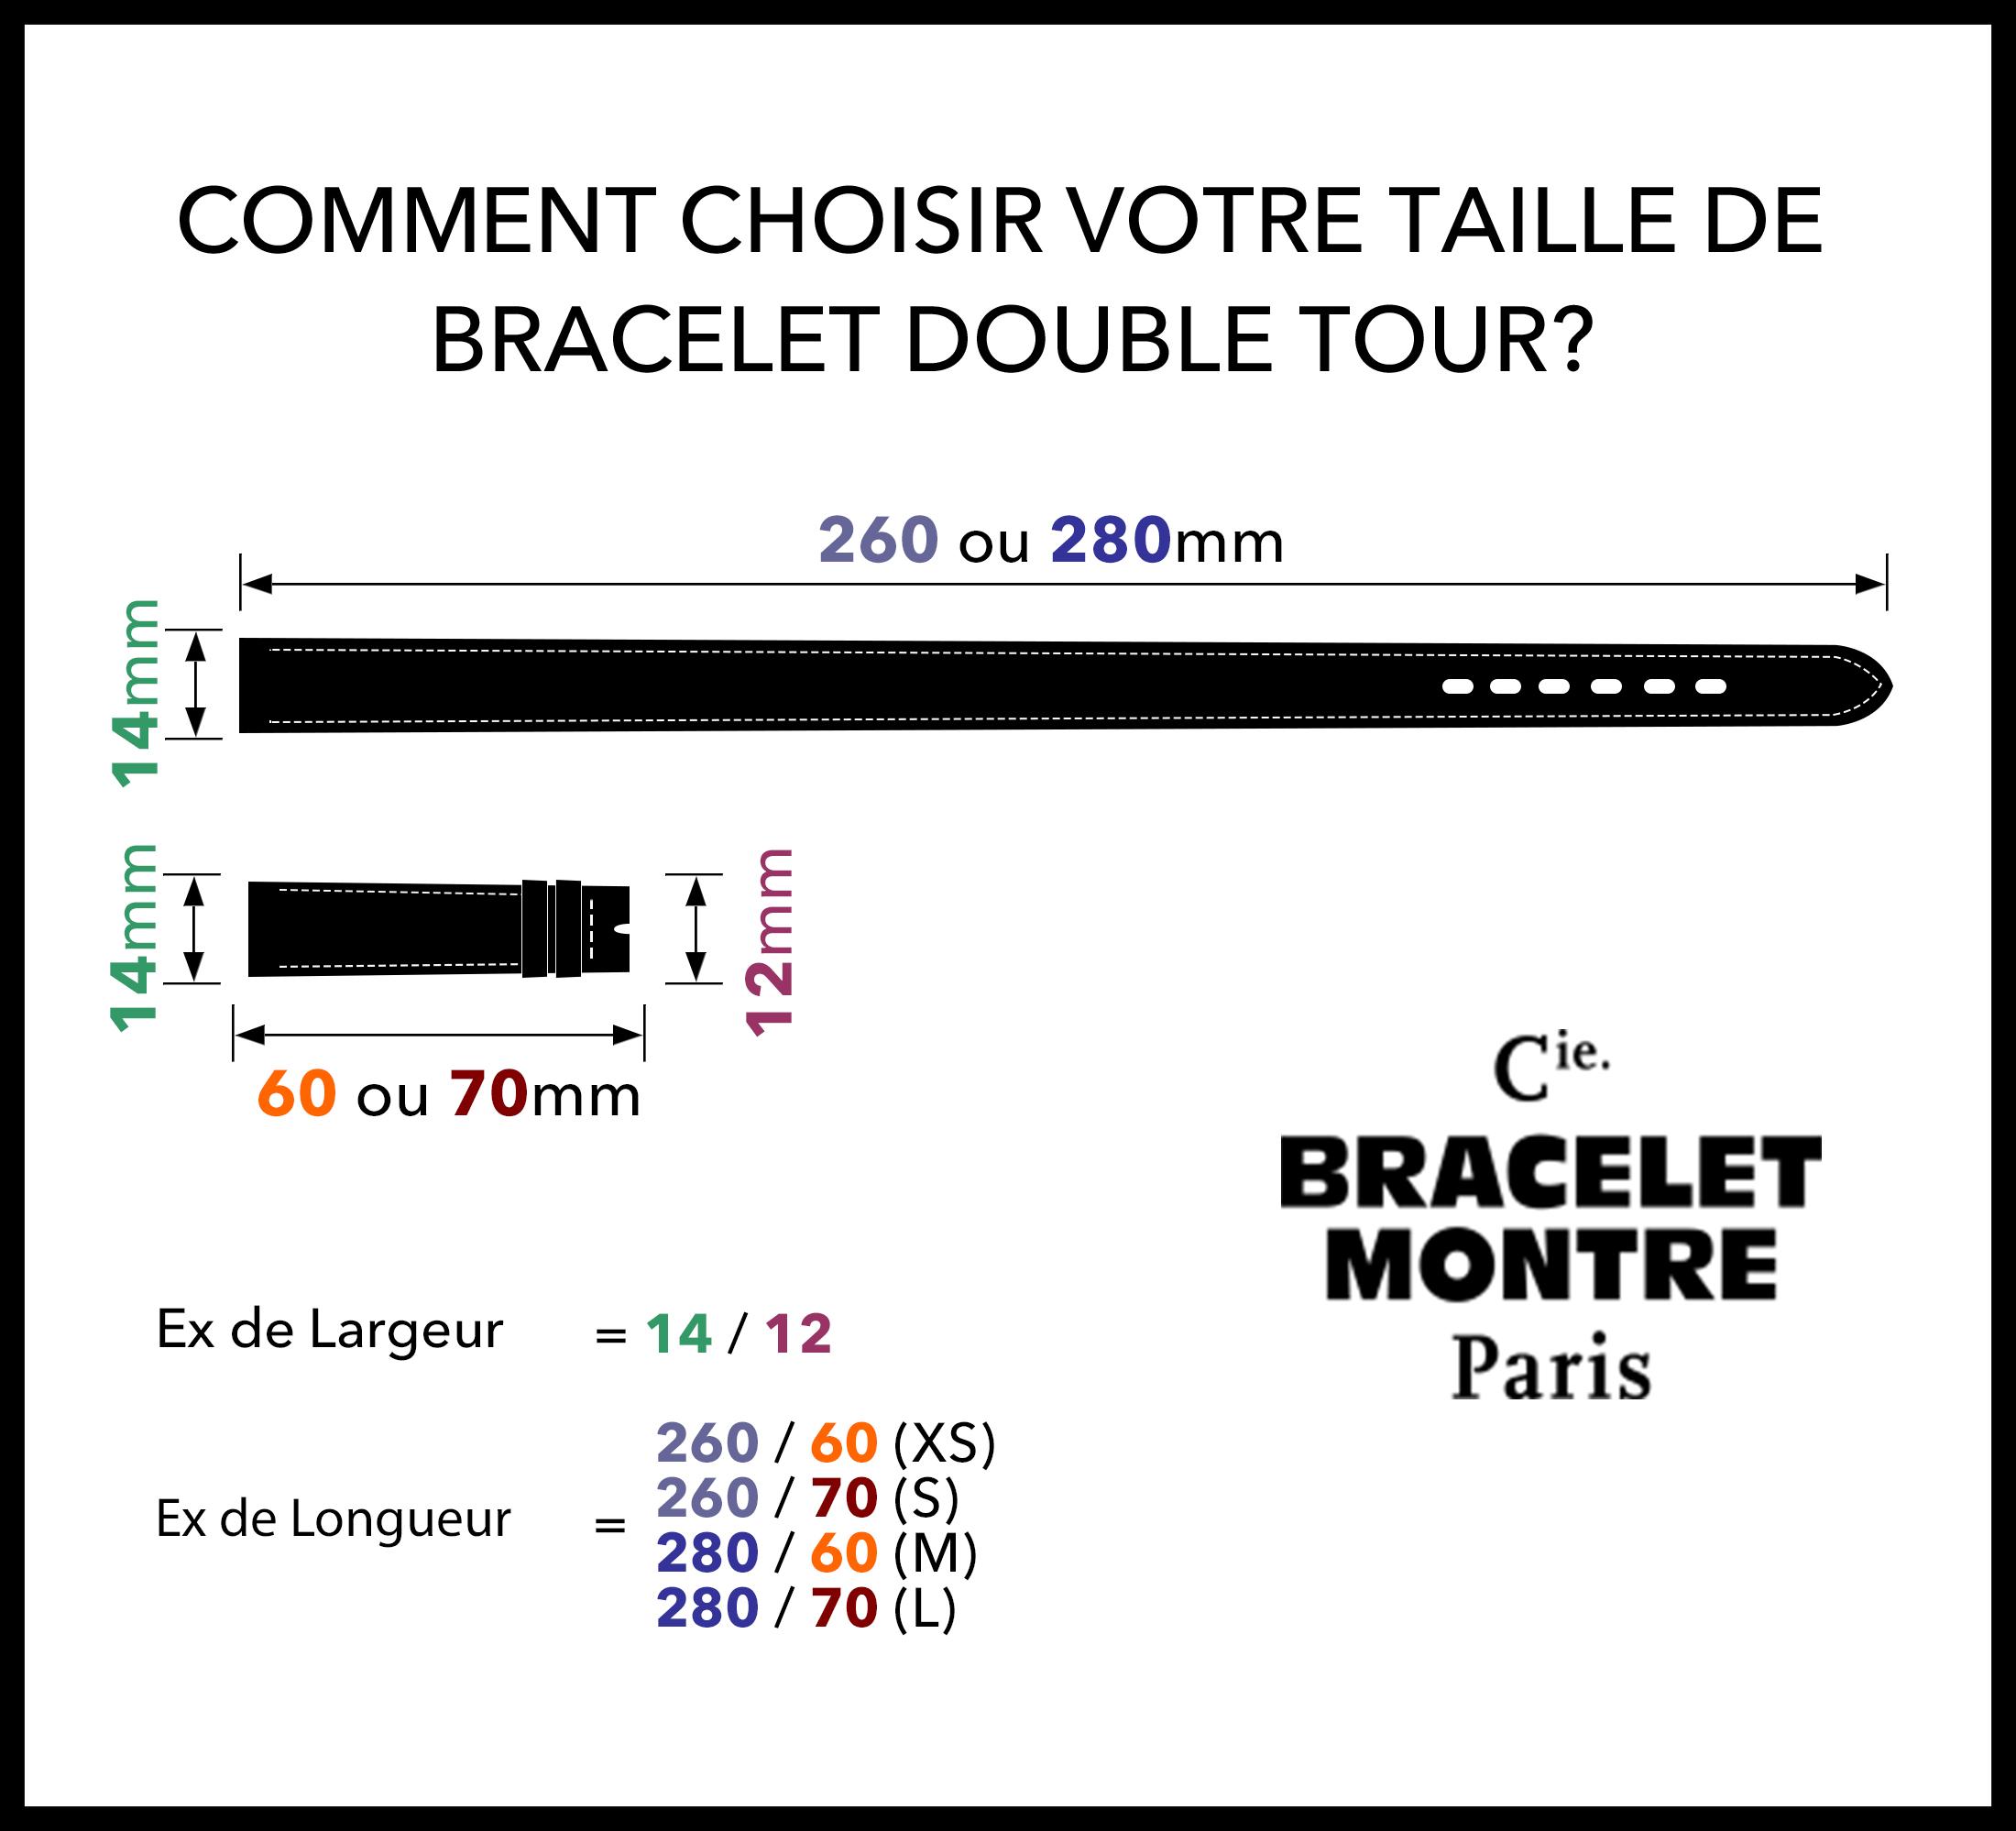 cie bracelet montre paris